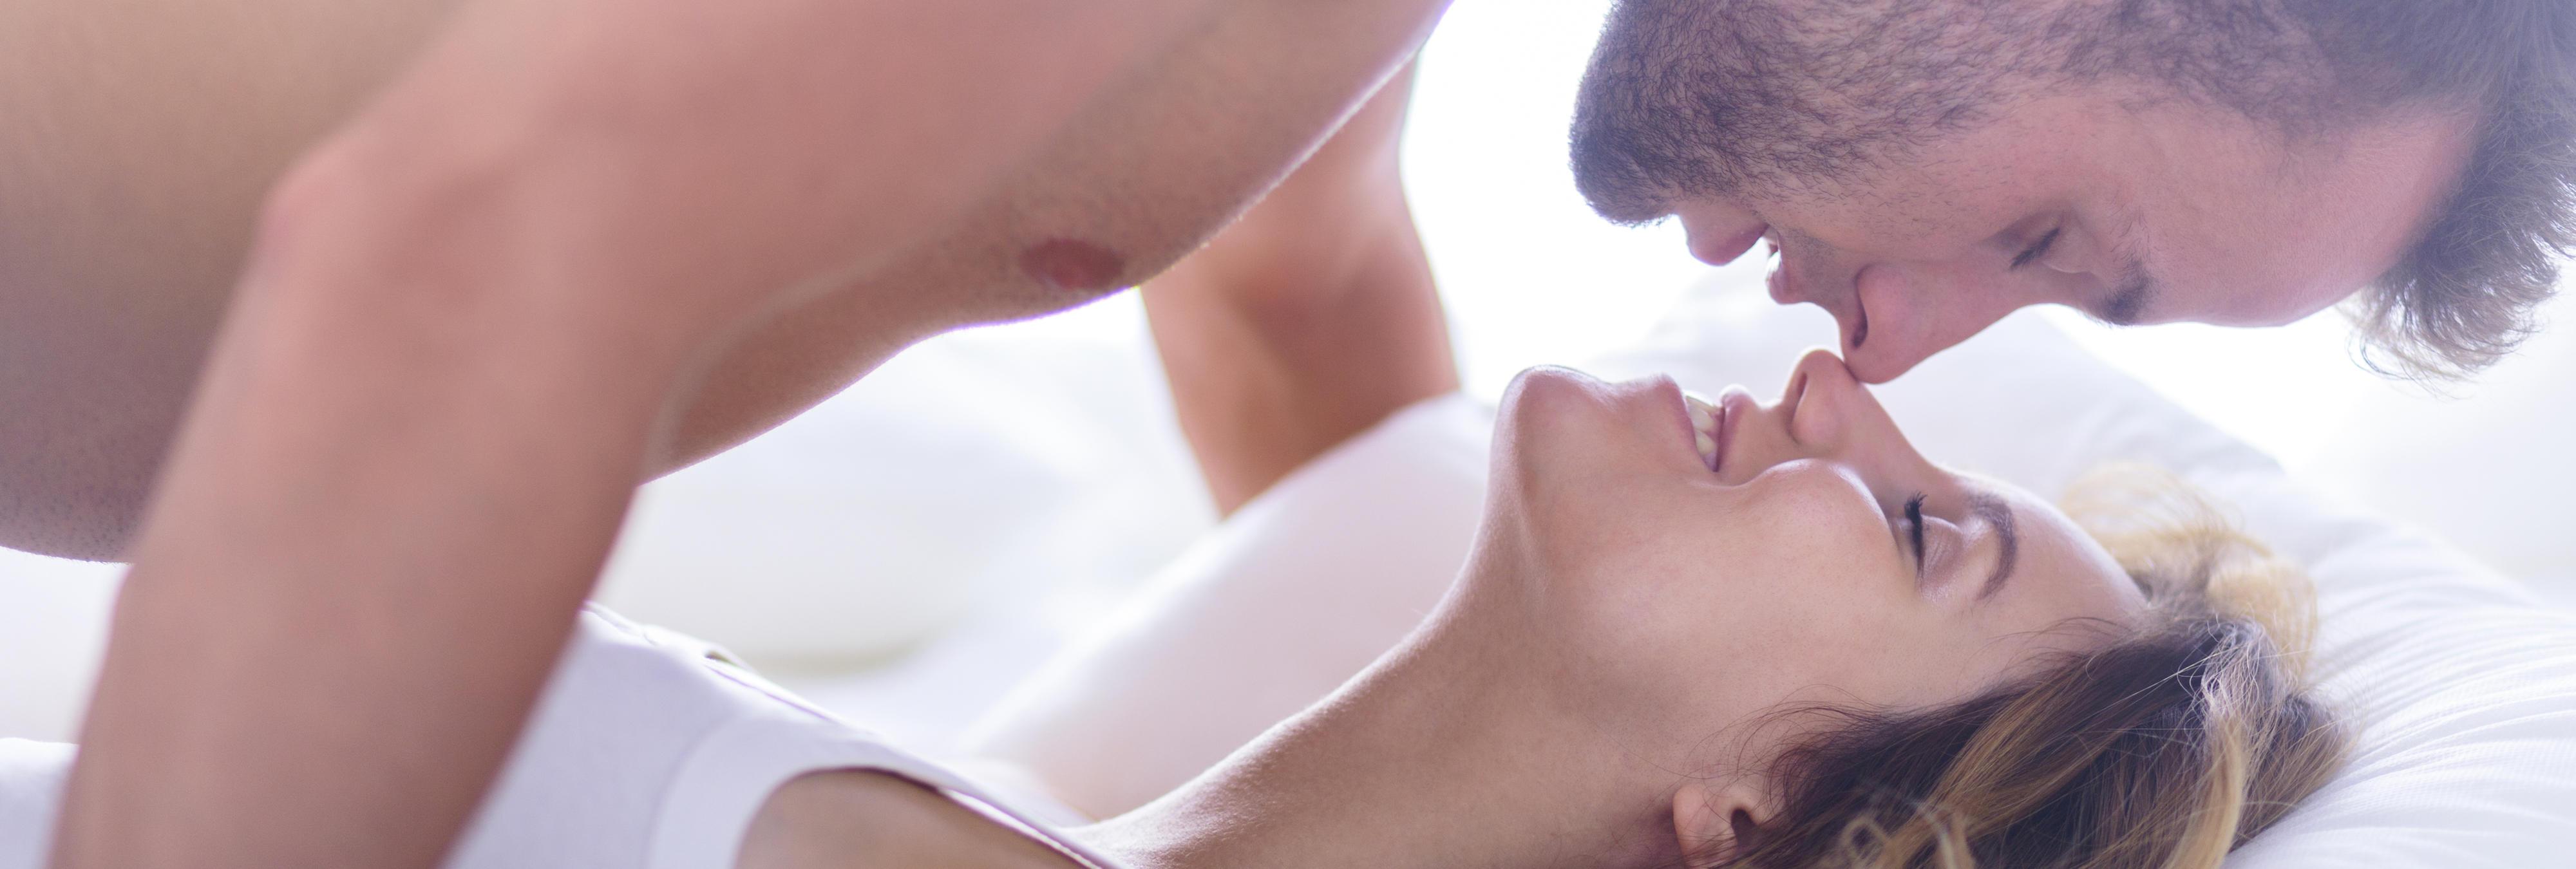 Tener sexo en un cine